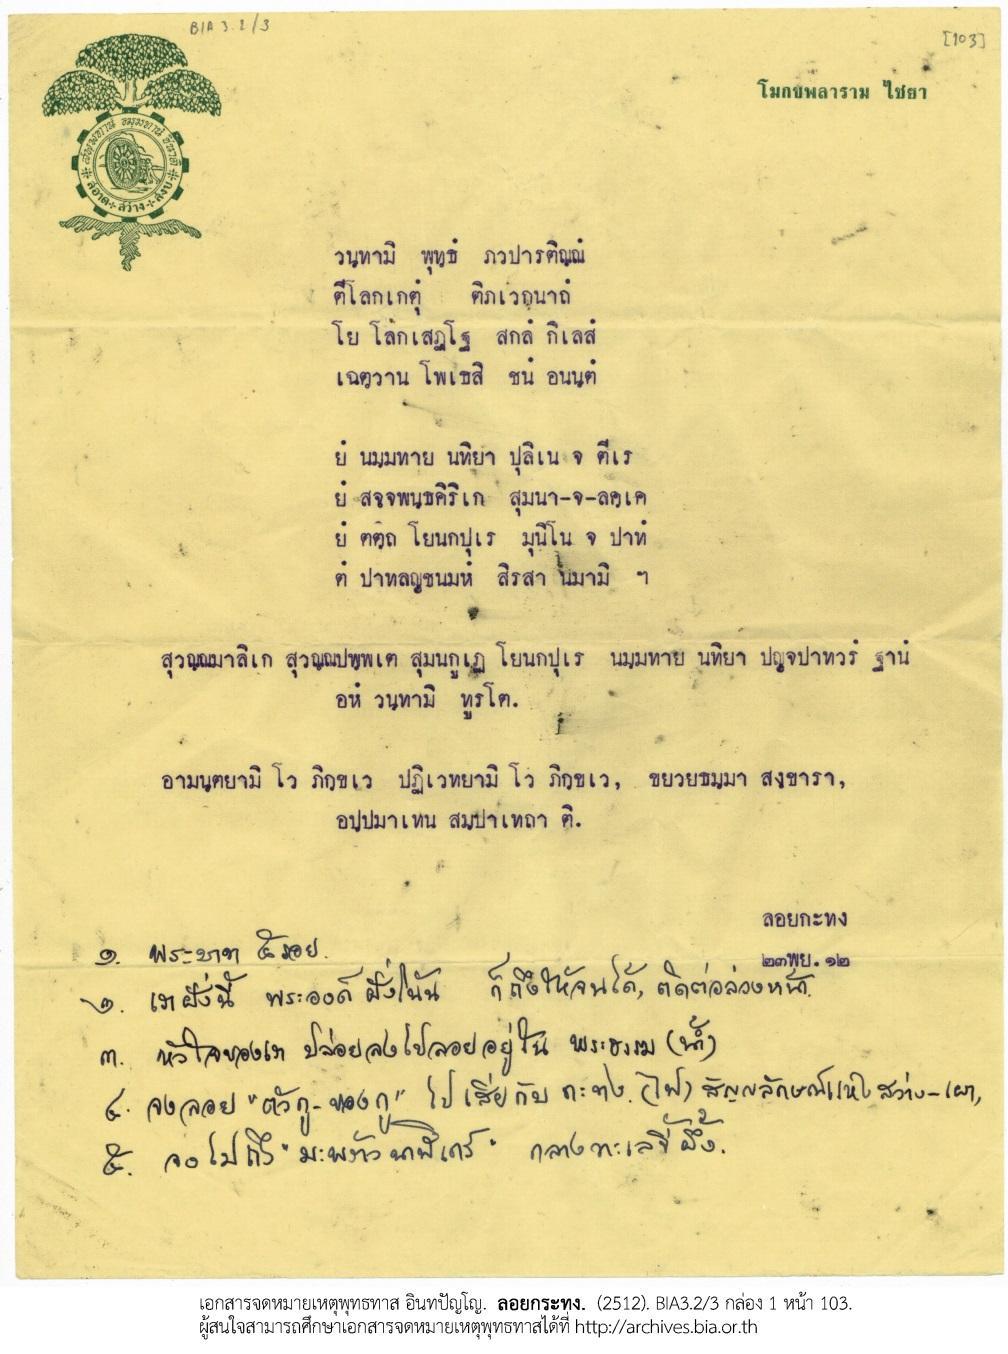 P:\Archival\Archives Office\เผยแพร่บริการจดหมายเหตุ\ตามรอยพุทธทาสกับจดหมายเหตุ\ลอยกระทงอย่างไร\BIA03020001-030-0103_00-0000.jpg